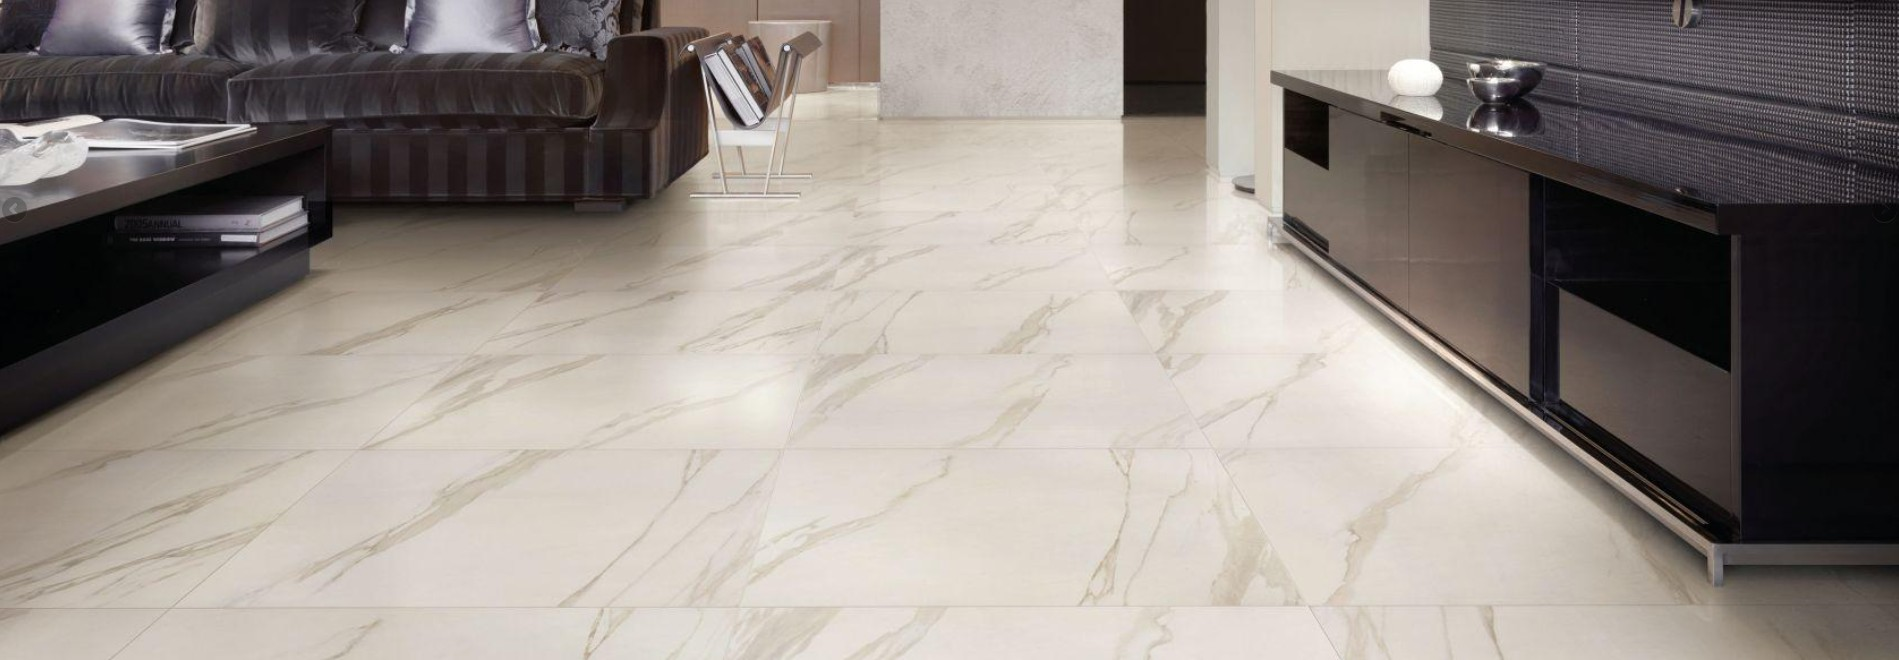 Carrelage sol marbre brillant carrelage sol interieur carrelage - Carrelage imitation marbre ...